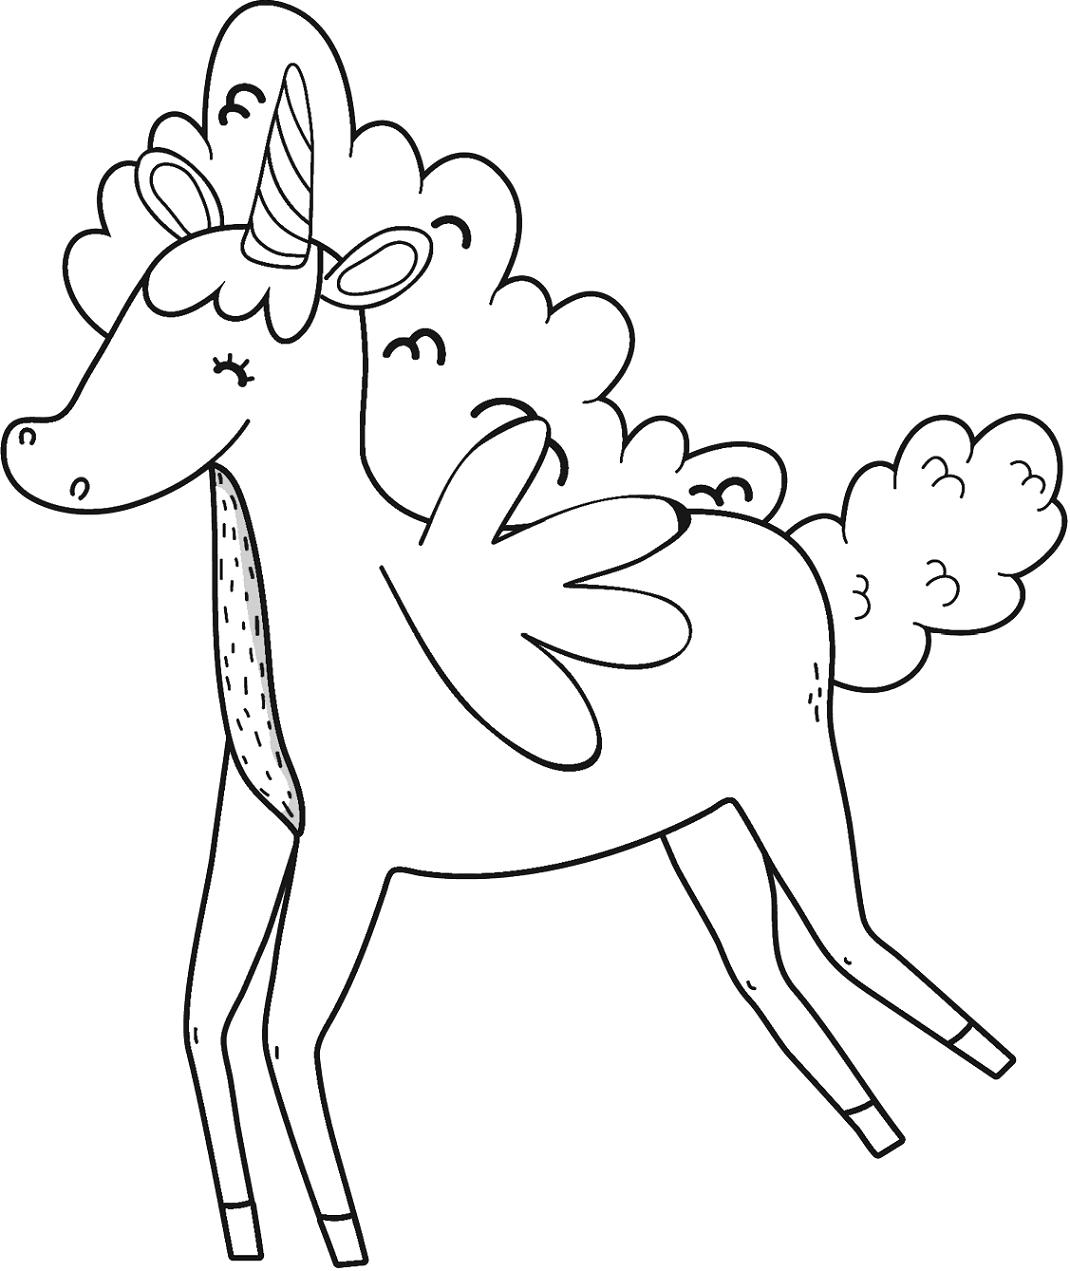 Unicorn Has Cute Wings